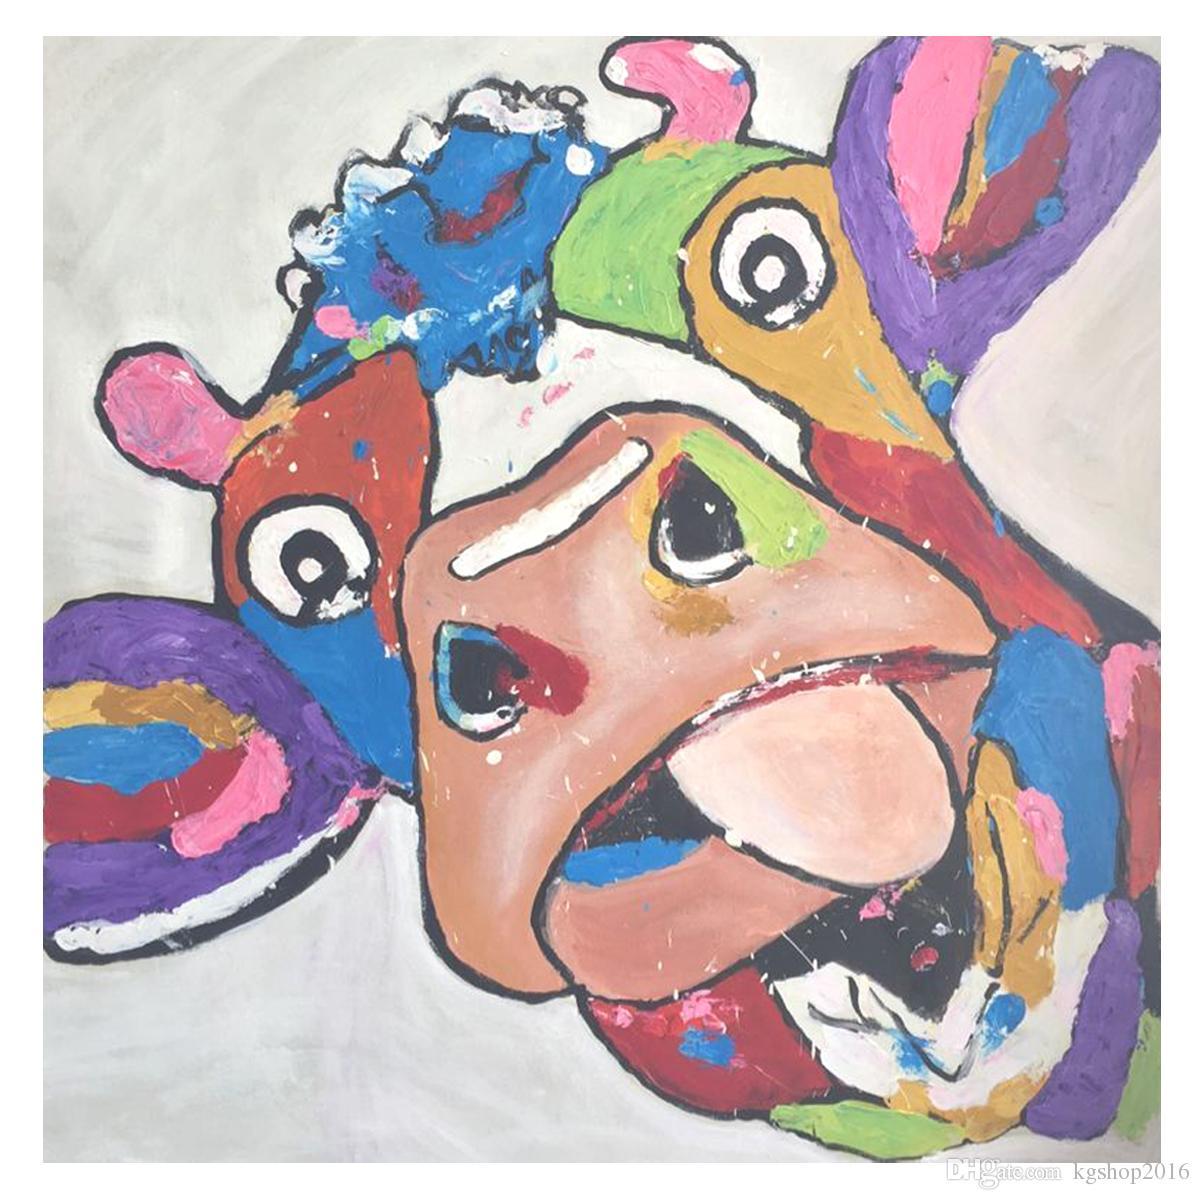 Satın Al Sanatçı El Yapımı Boyama Dokulu Yapıt Pop Sanat Inek Kafası